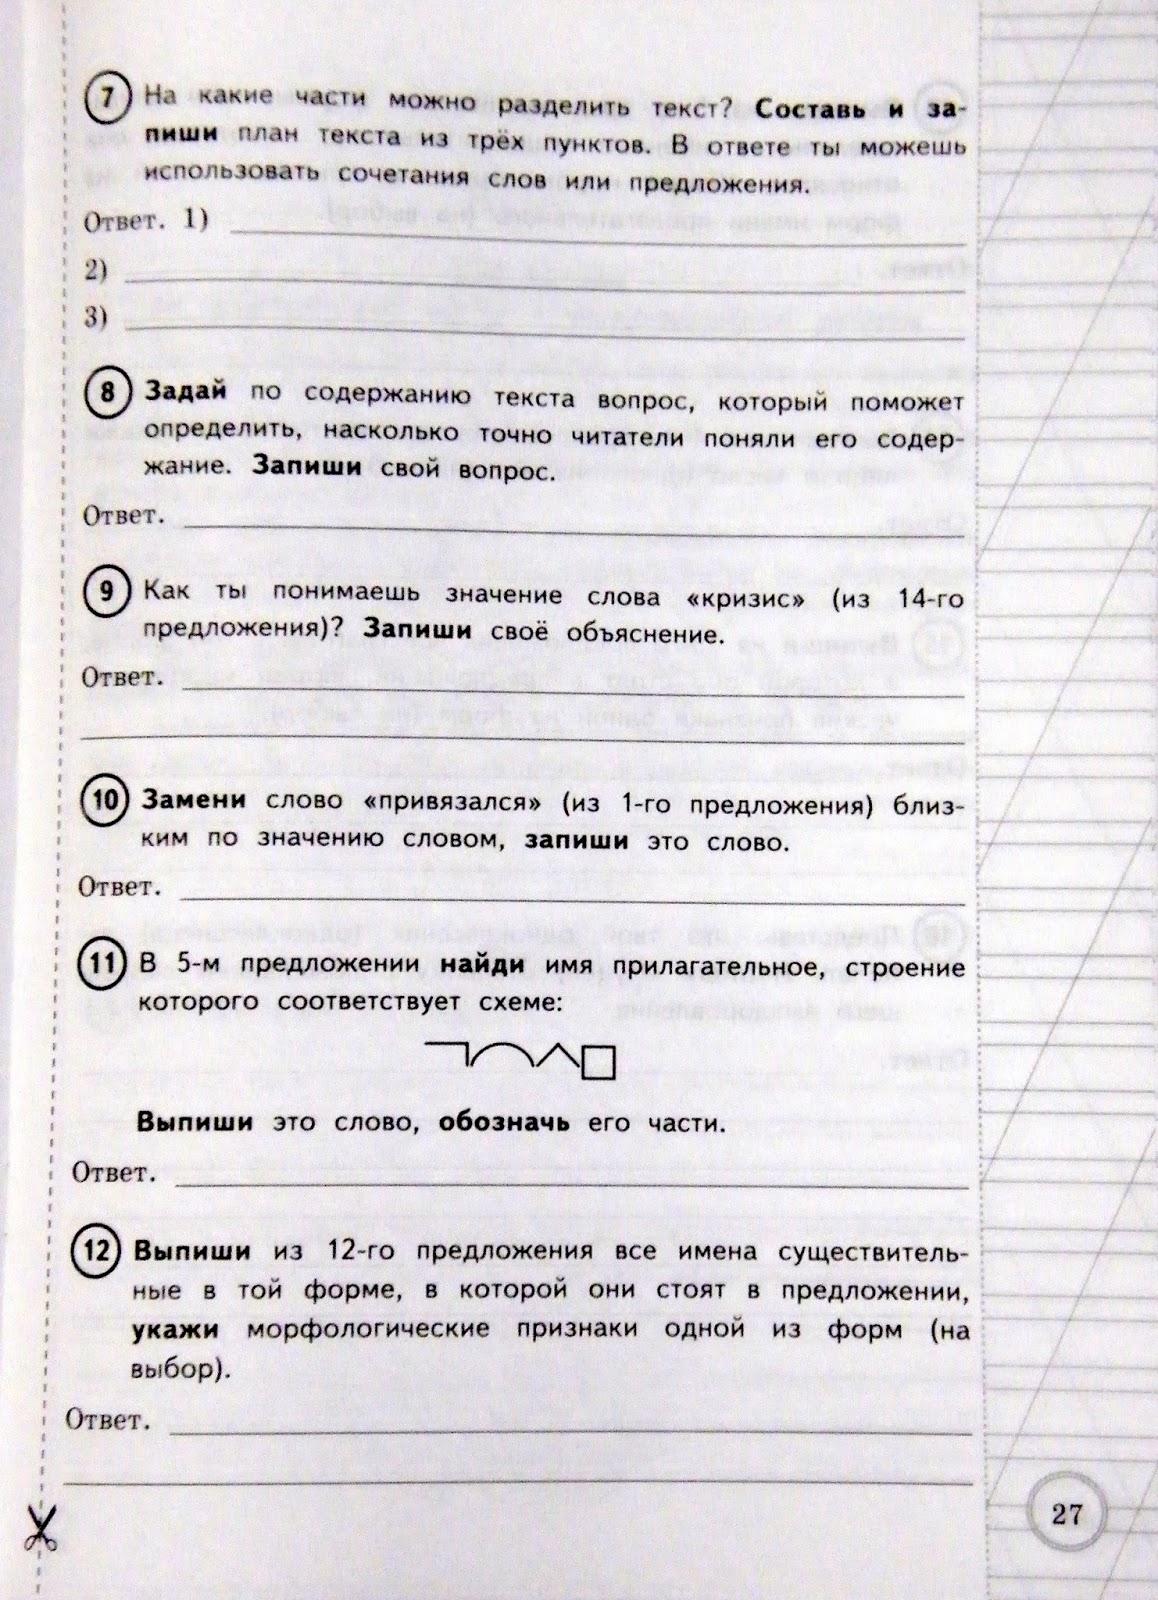 Диктанты по русскому языку 2 класс по программе волковой